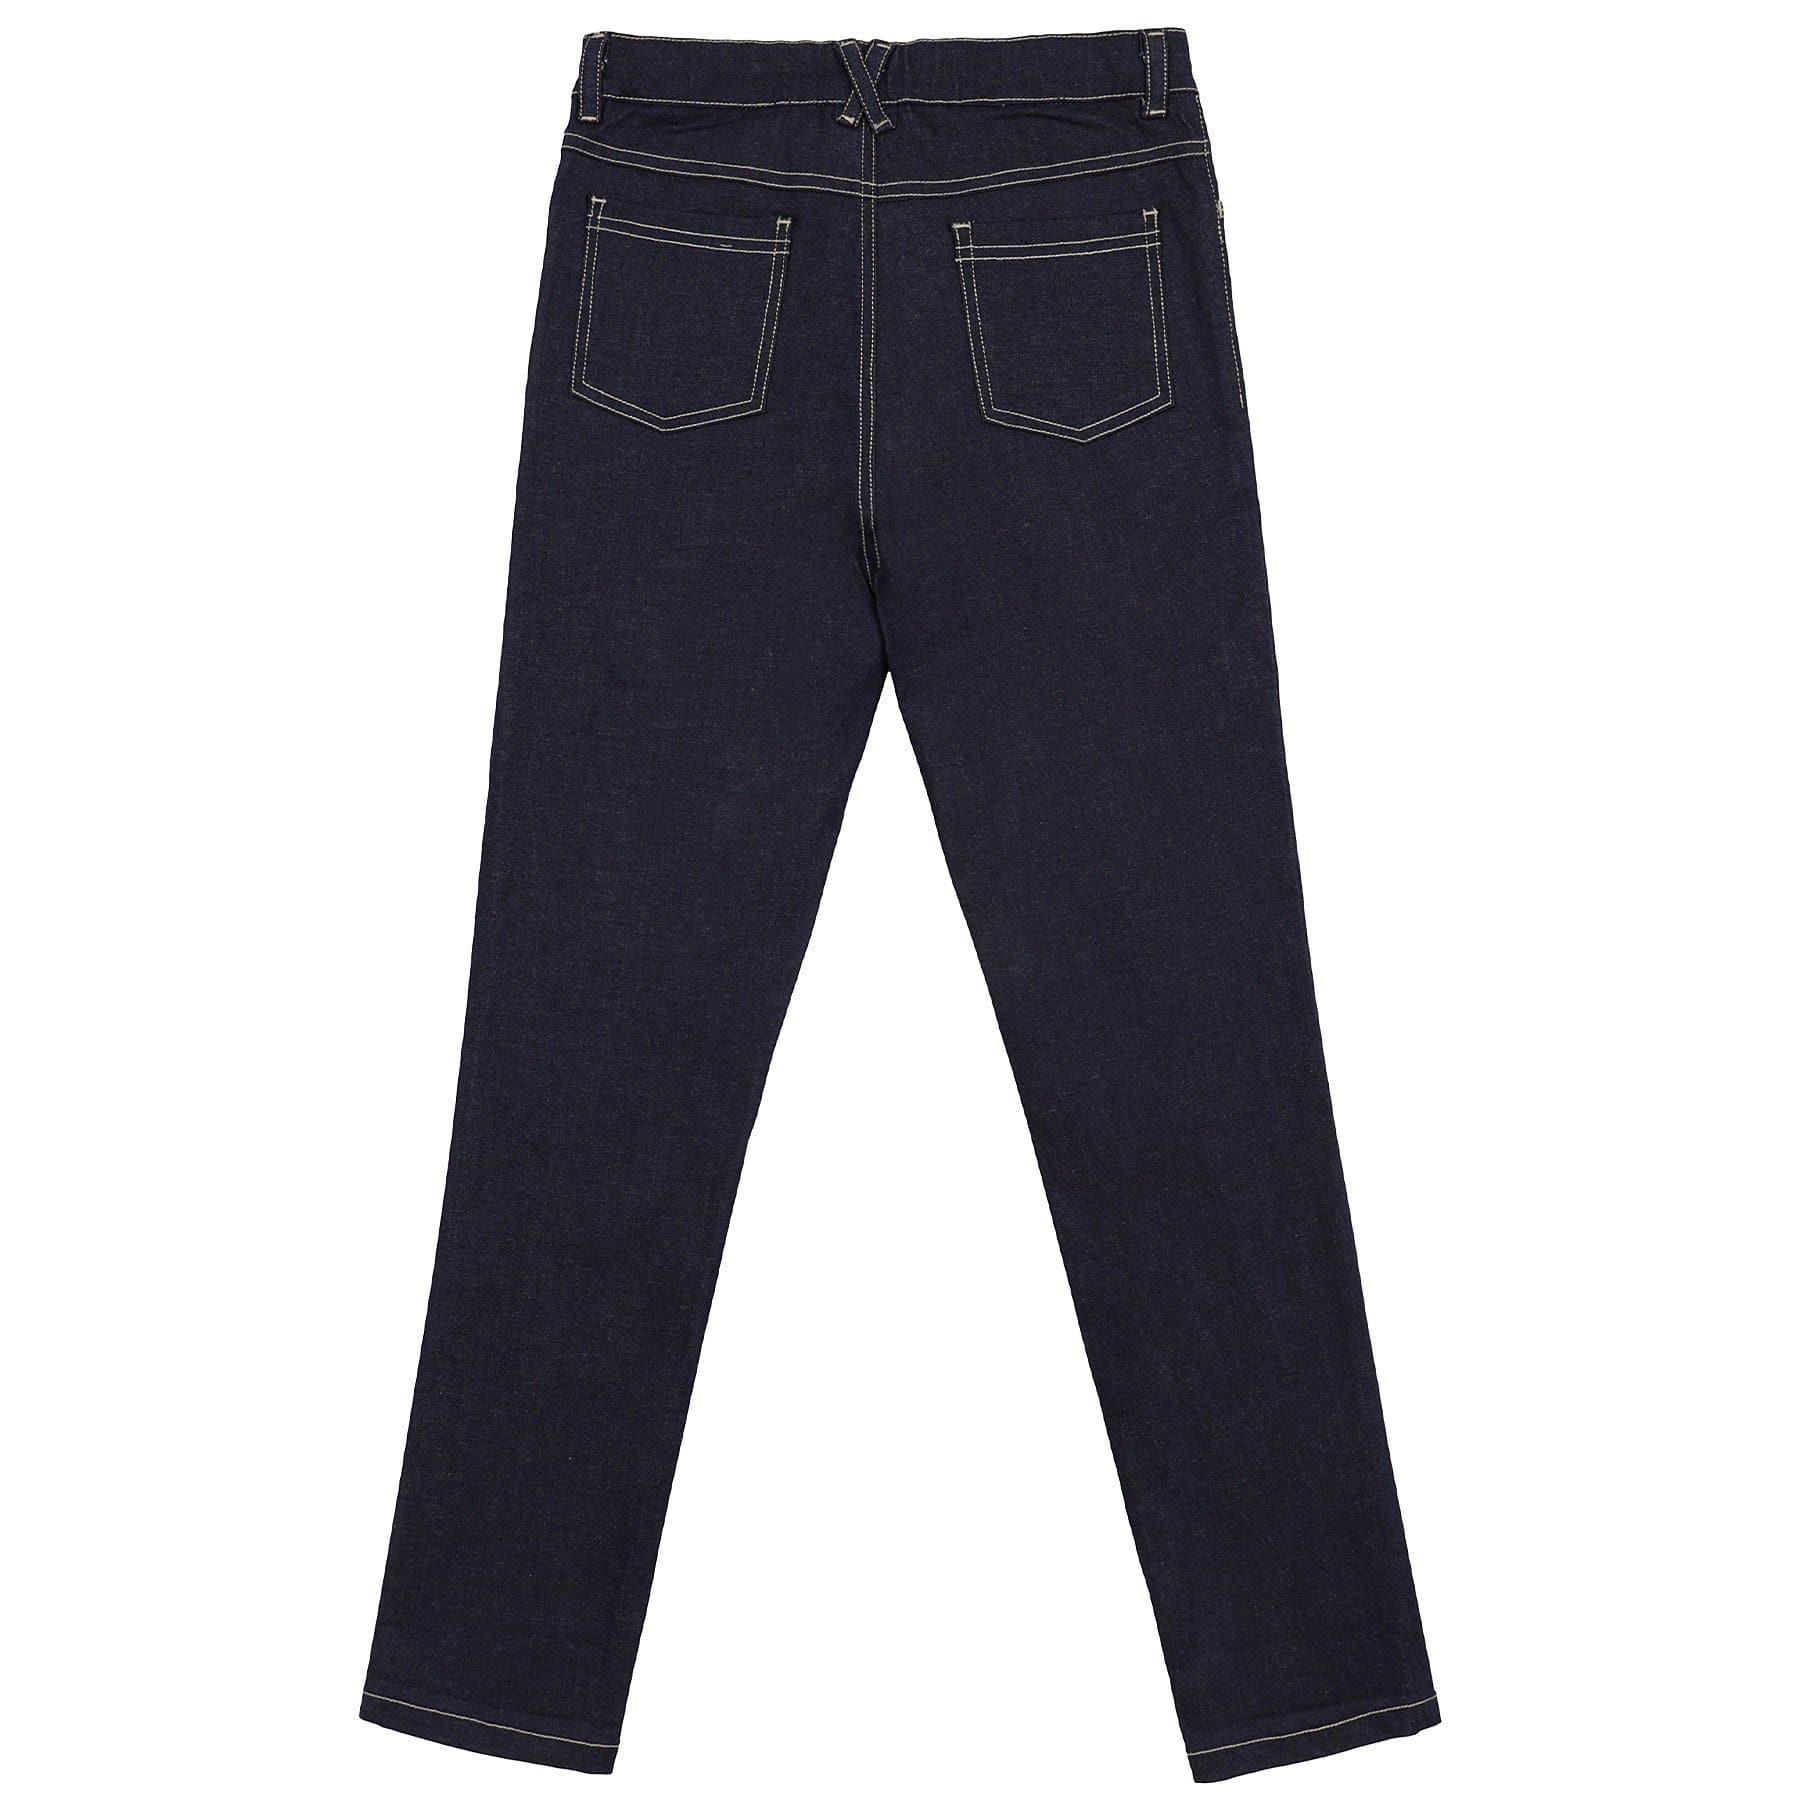 Pantalon jean bleu foncé coupe slim fit en coton et lycra pour filles de 2 à 12 ans